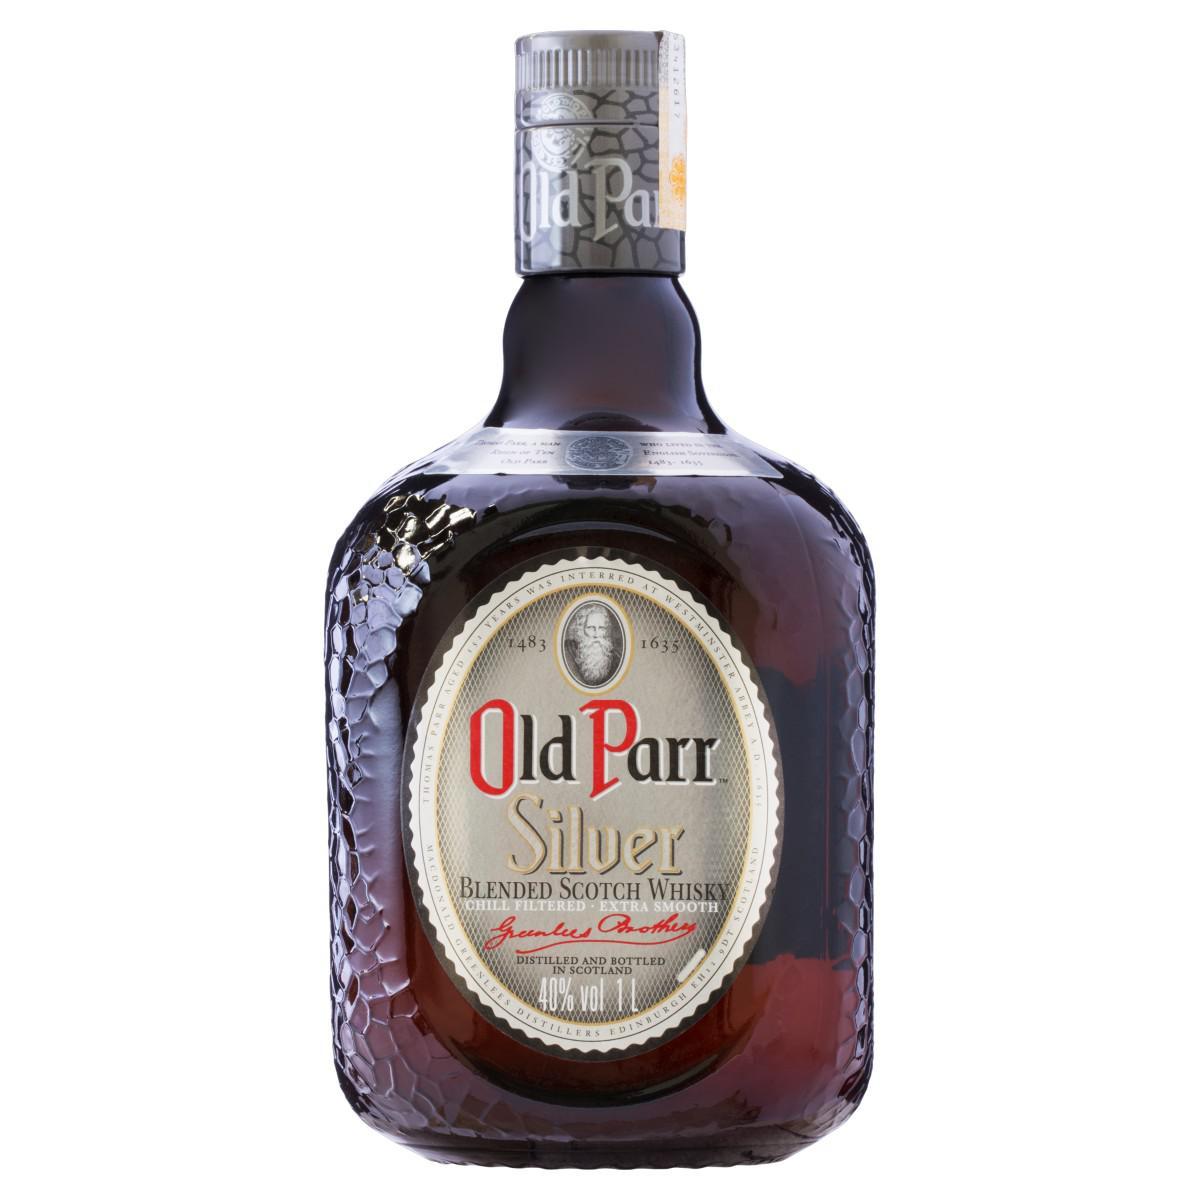 Imagem de Whisky Old Parr Silver 1 Litro